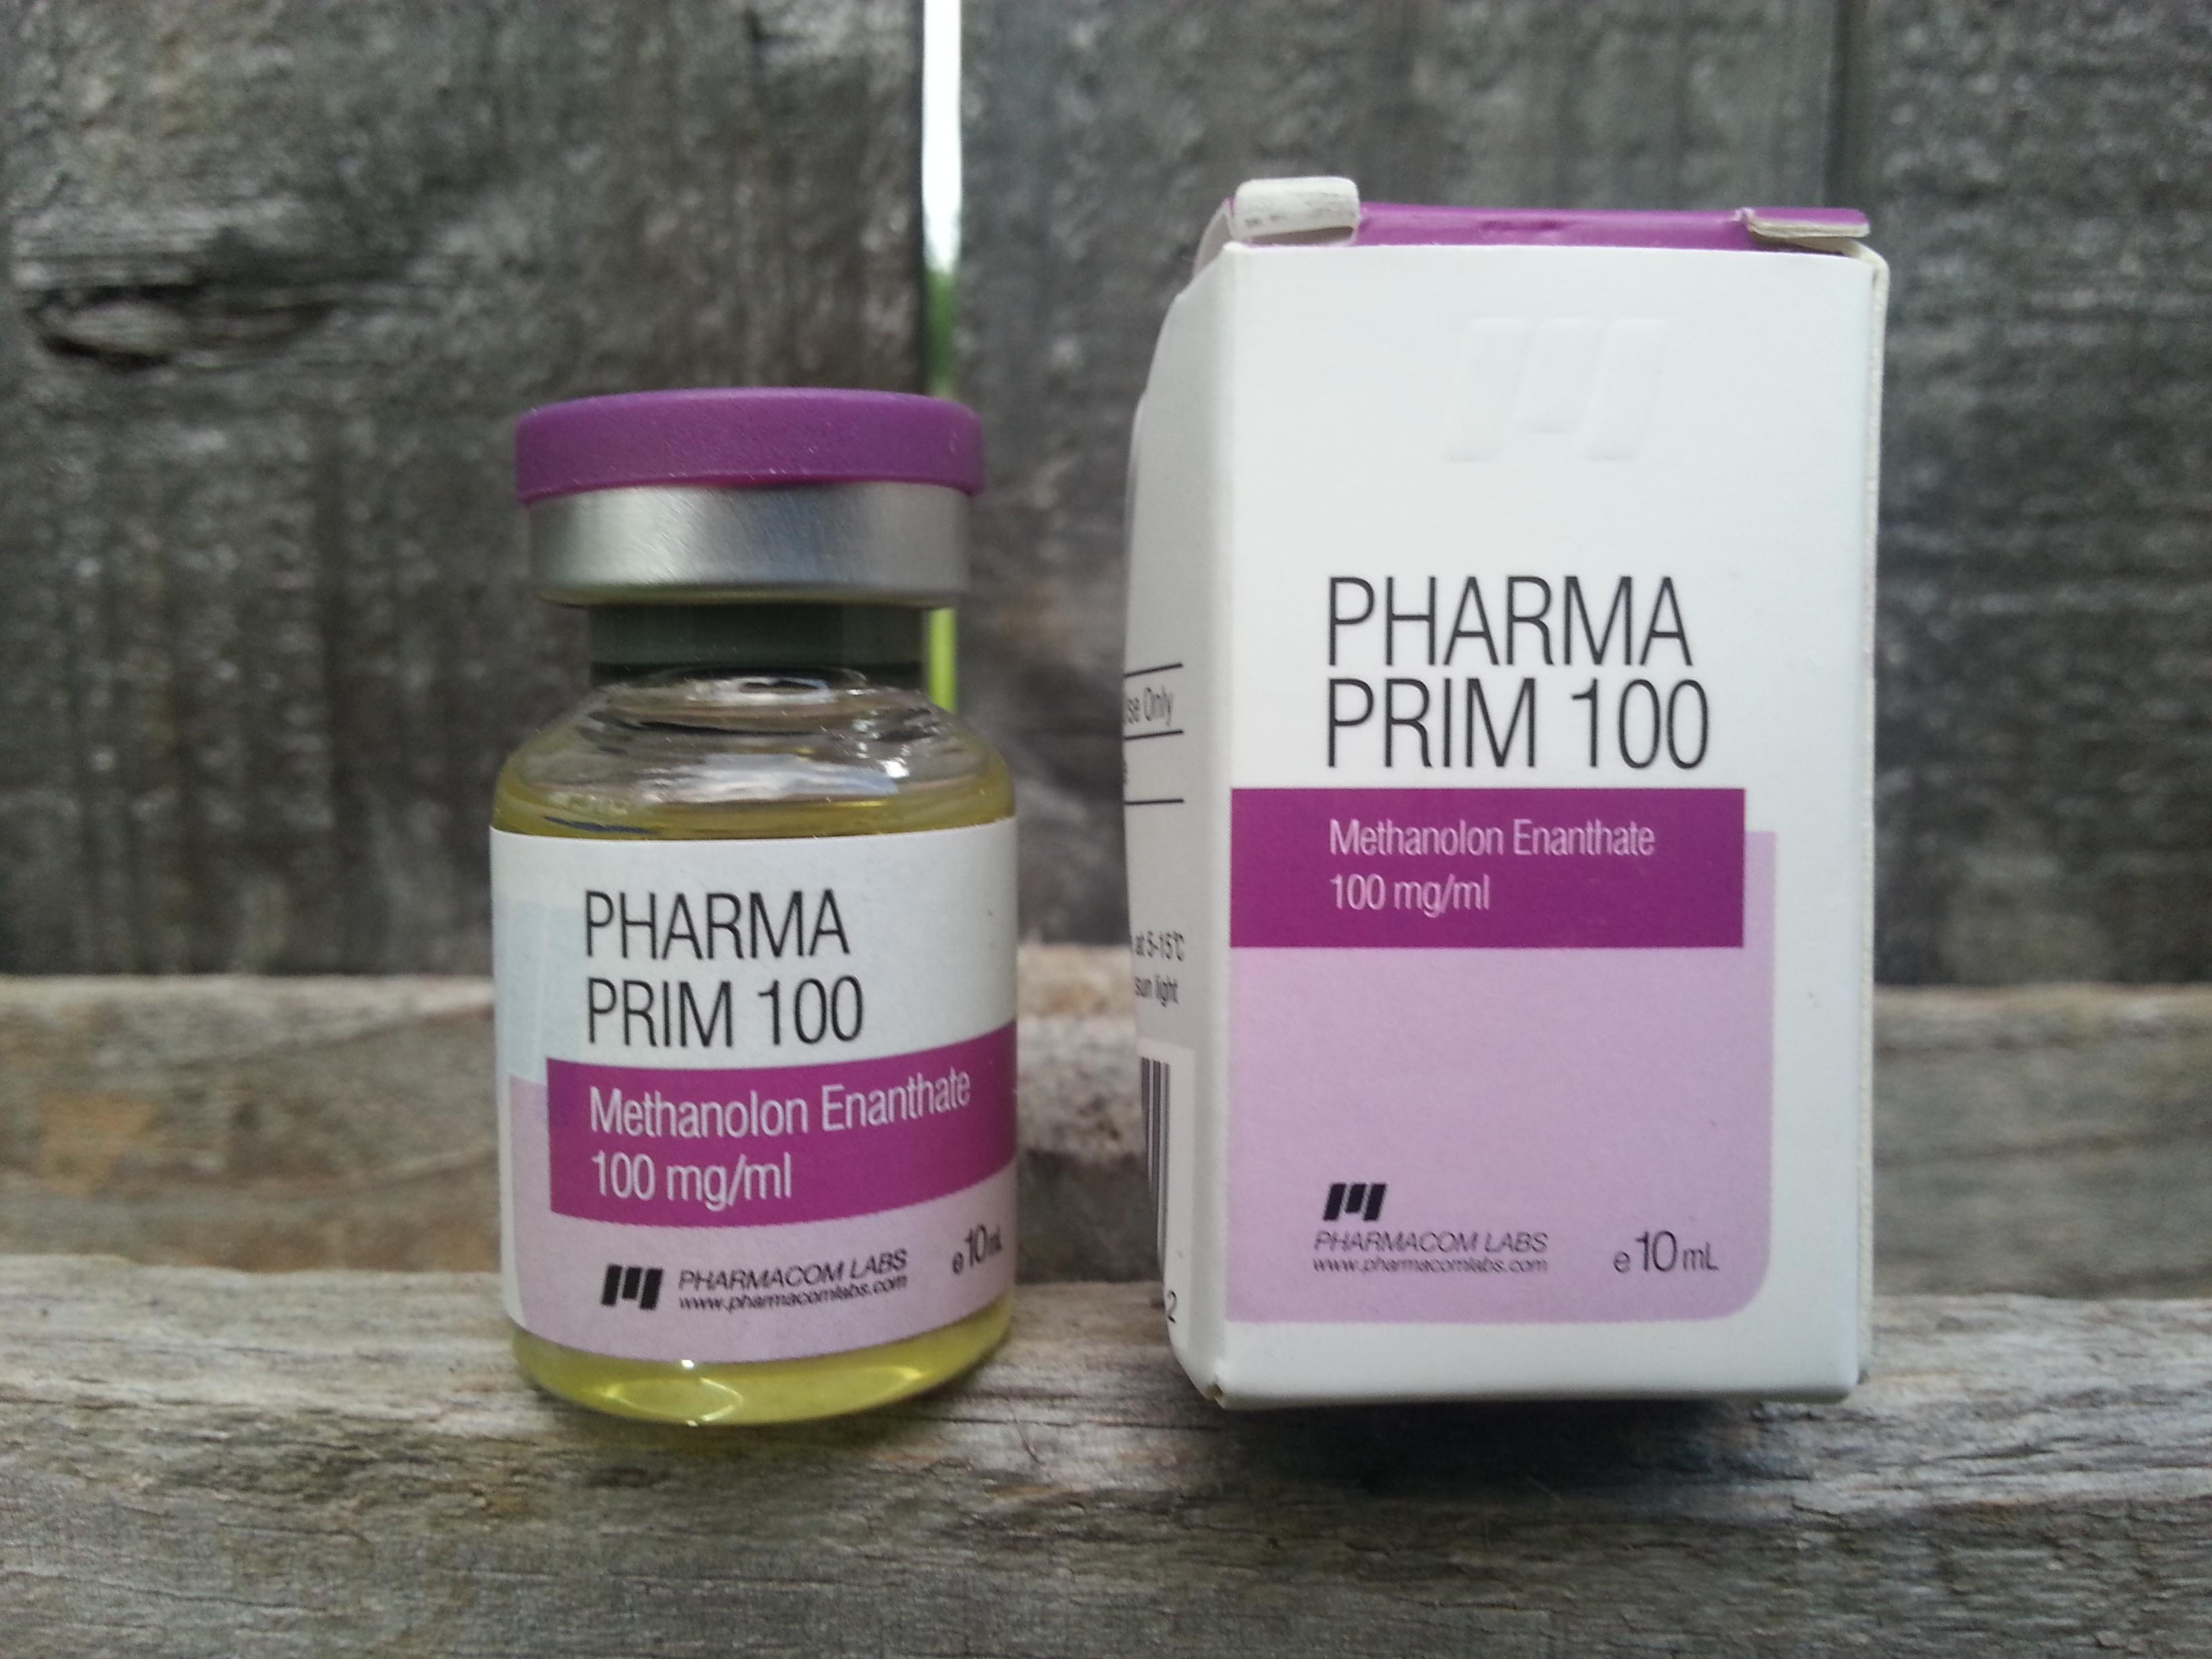 primo depot dosage